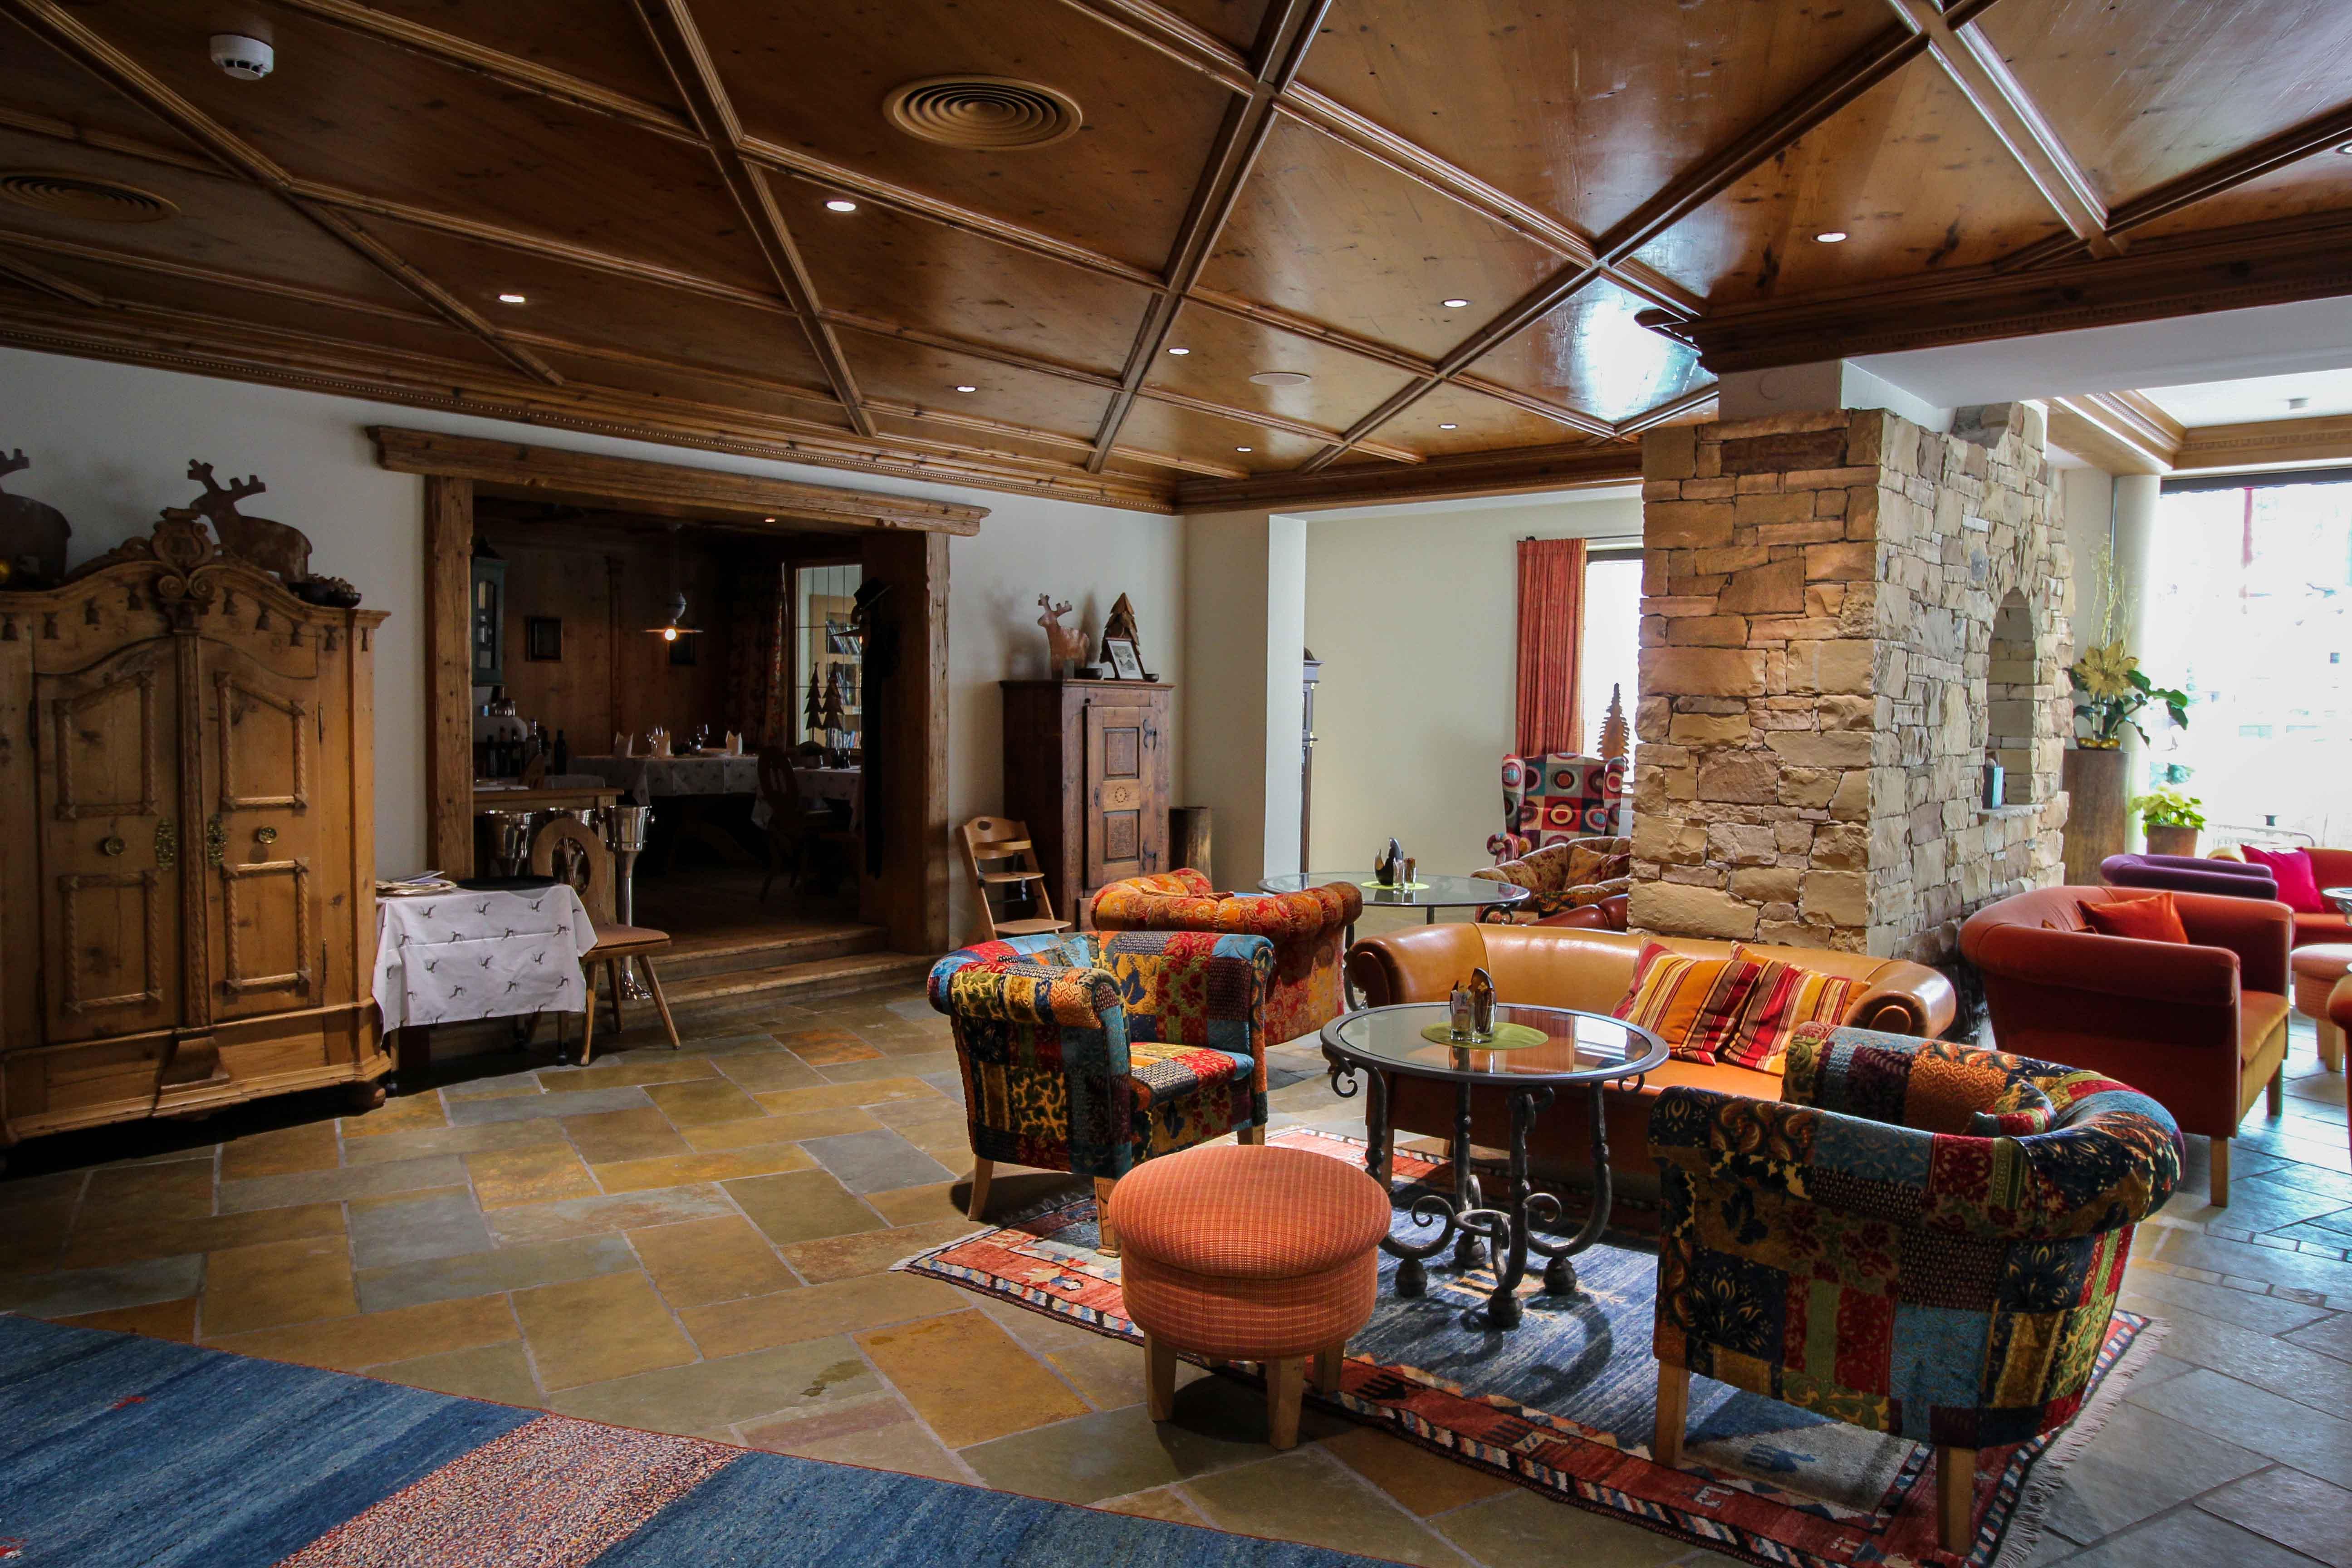 Das Central Sölden 5-Sterne Wellnesshotel Luxushotel Sölden Tirol Österreich Aufenthaltsraum Couch Reiseblog